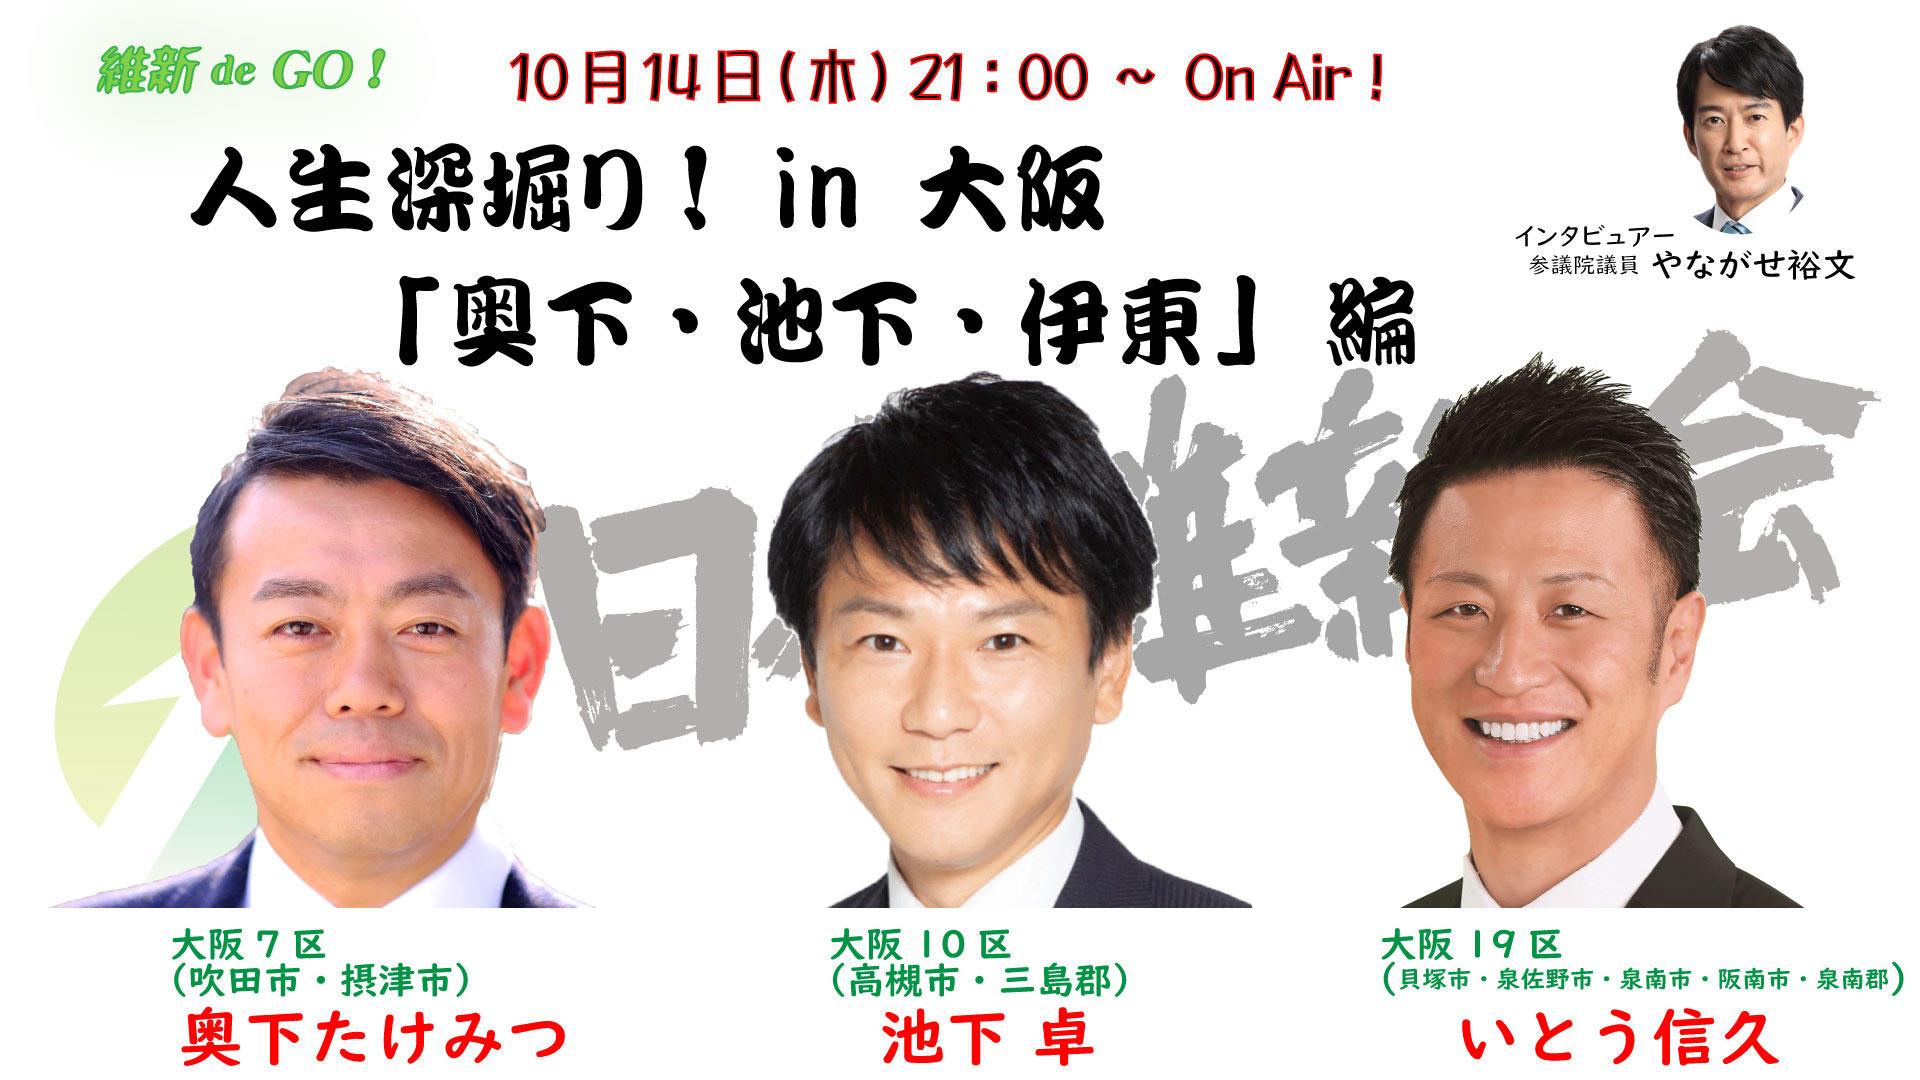 2021年10月14日(木)〜維新 de GO!〜 ライブ配信のお知らせ